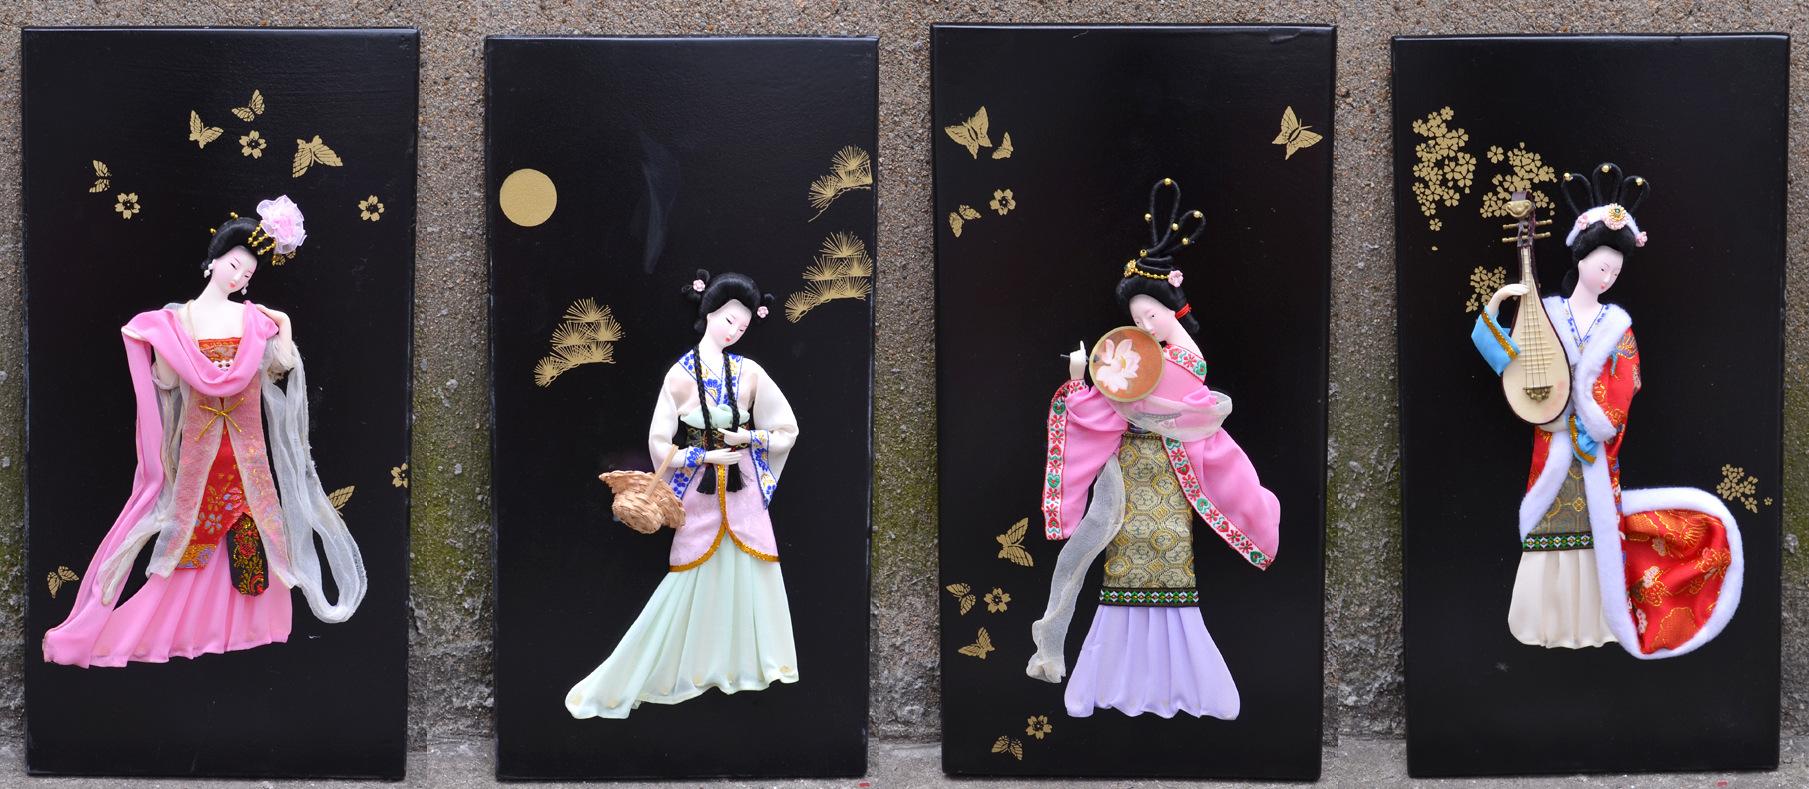 四大美女人偶版画立体挂画无框画家居装饰画古代格格美女仕女壁画